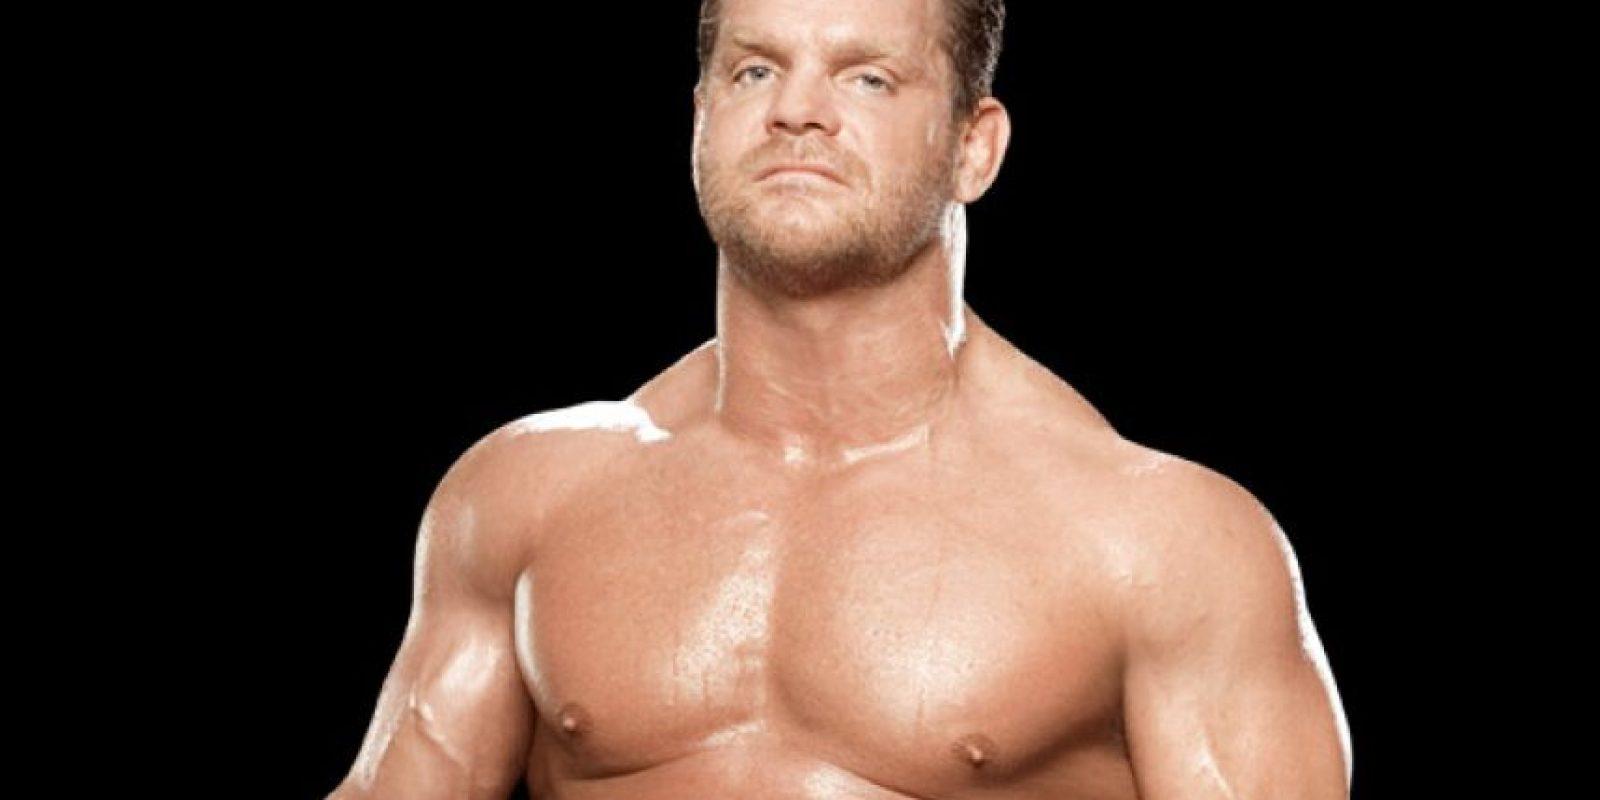 Y Chris Benoit en 2004 Foto:WWE